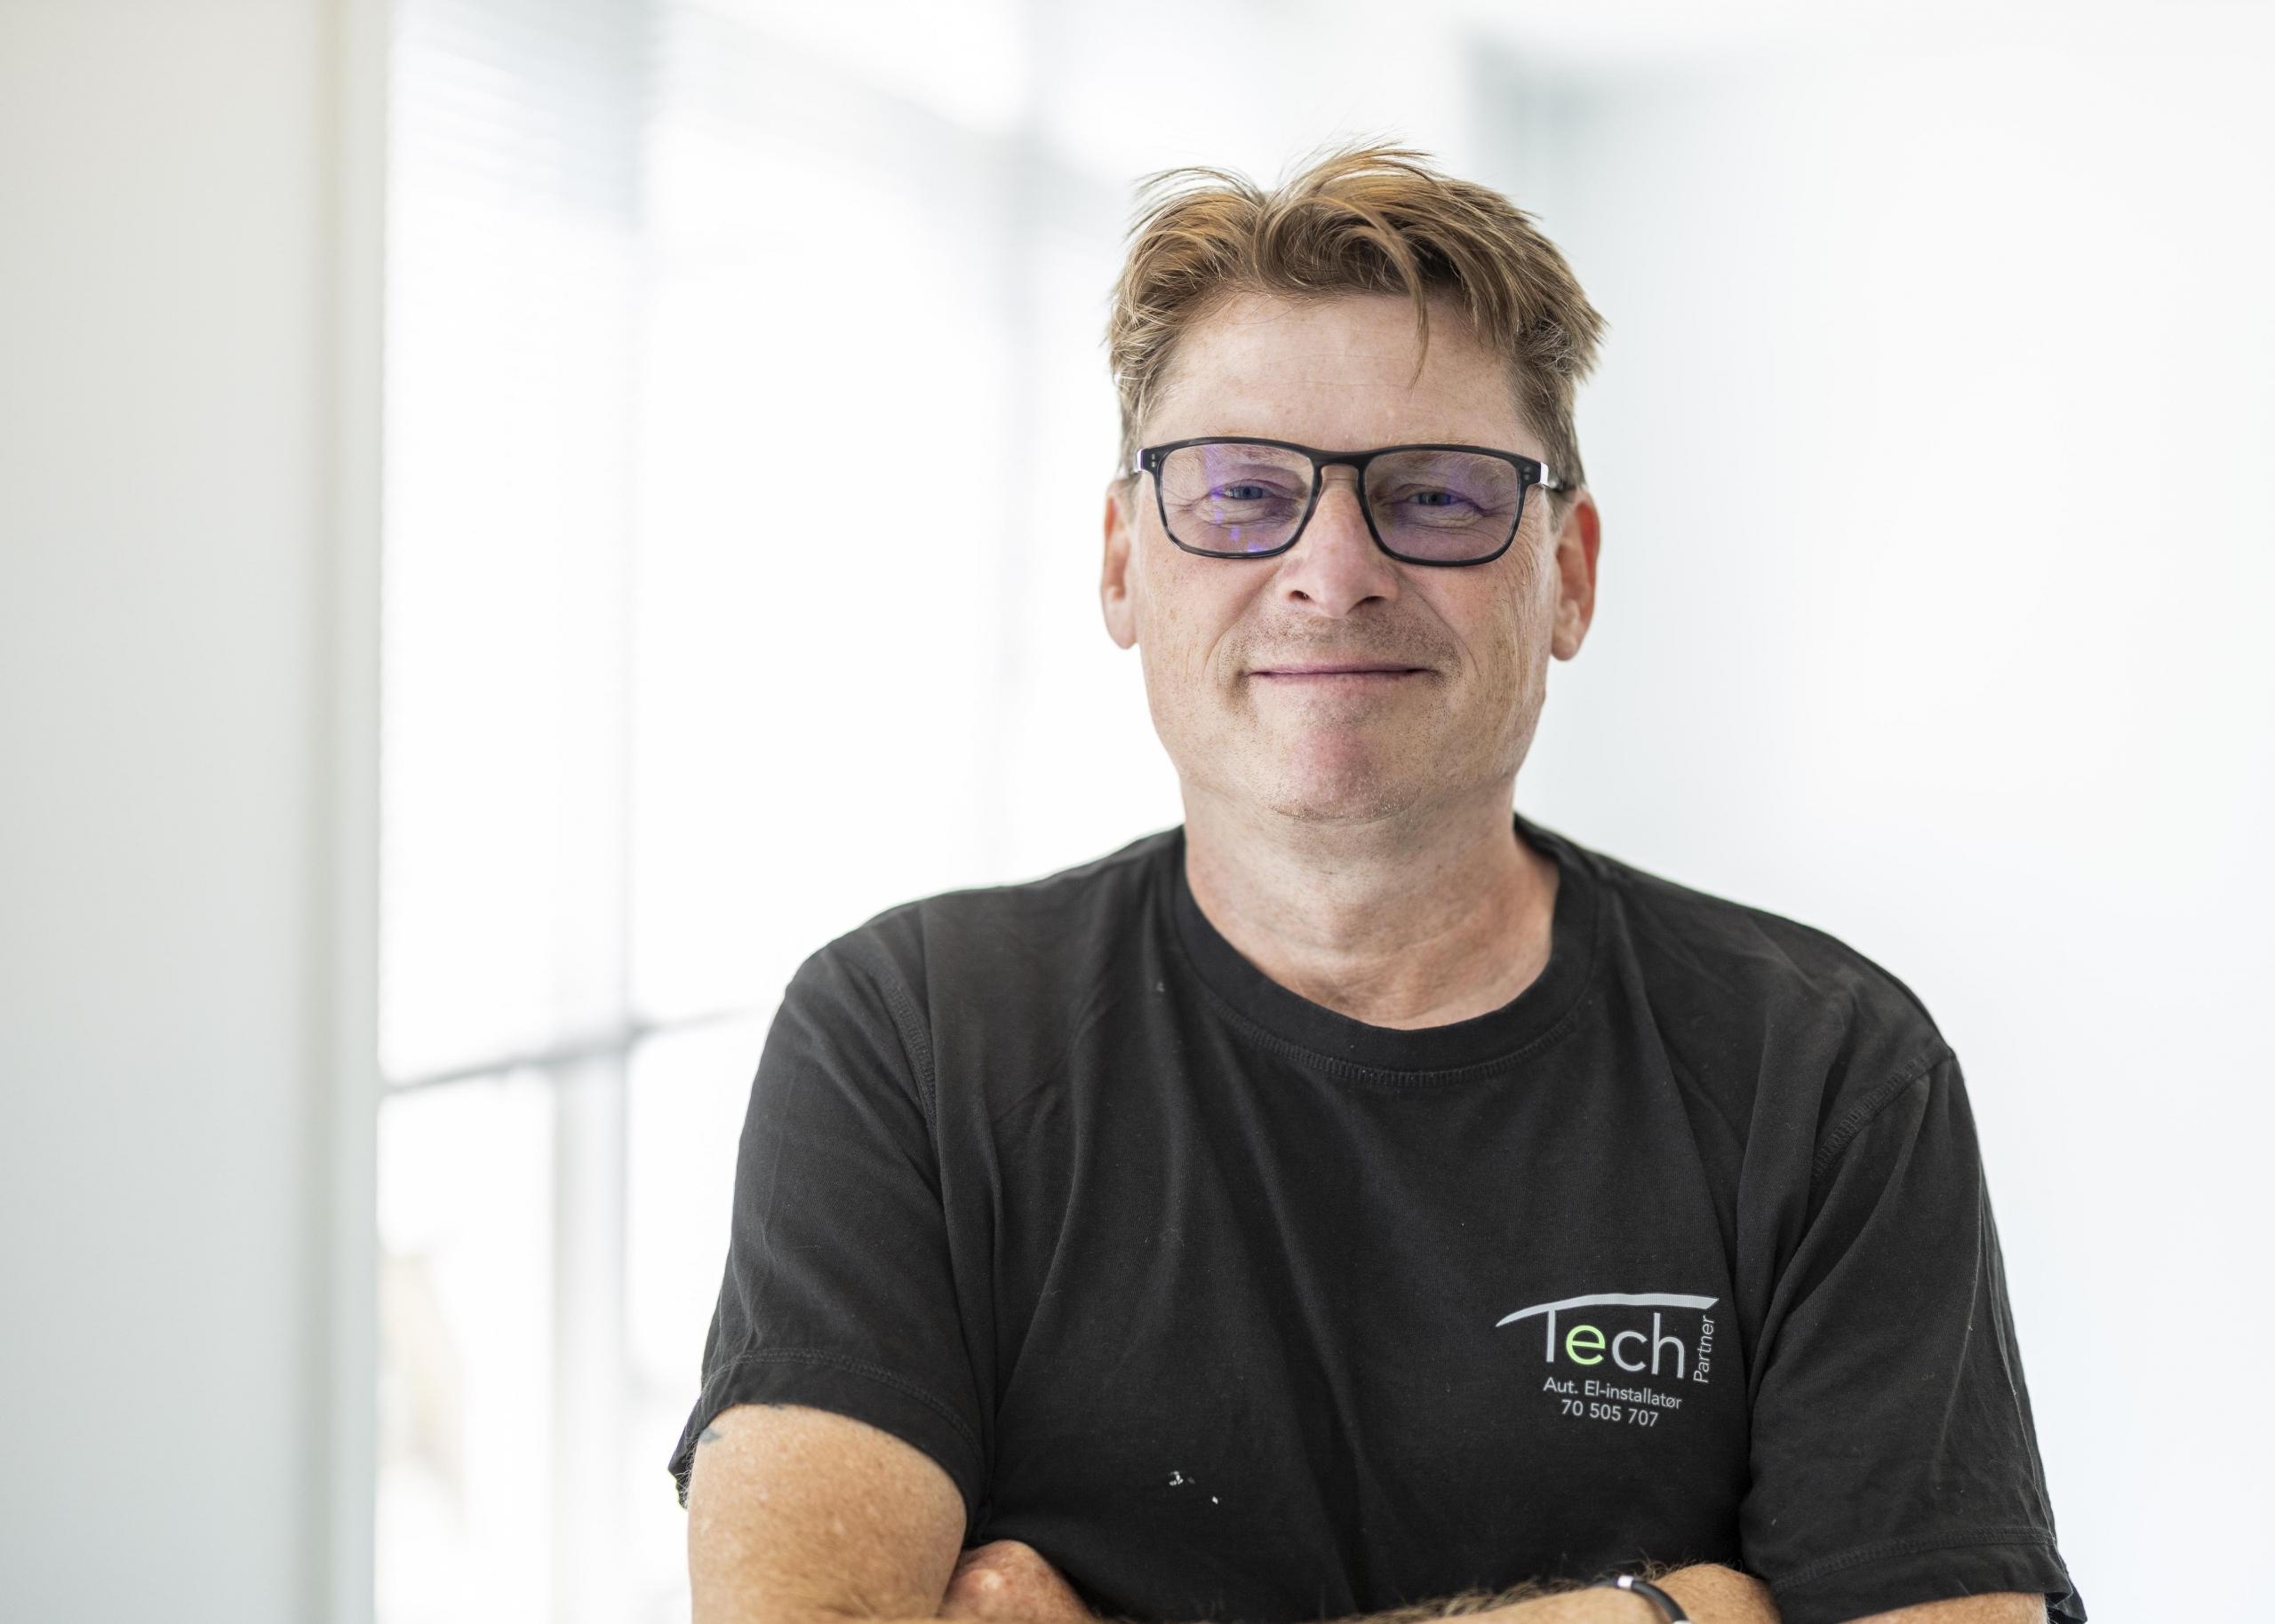 Jørgen Juhl - El-installatør hos Tech Partner